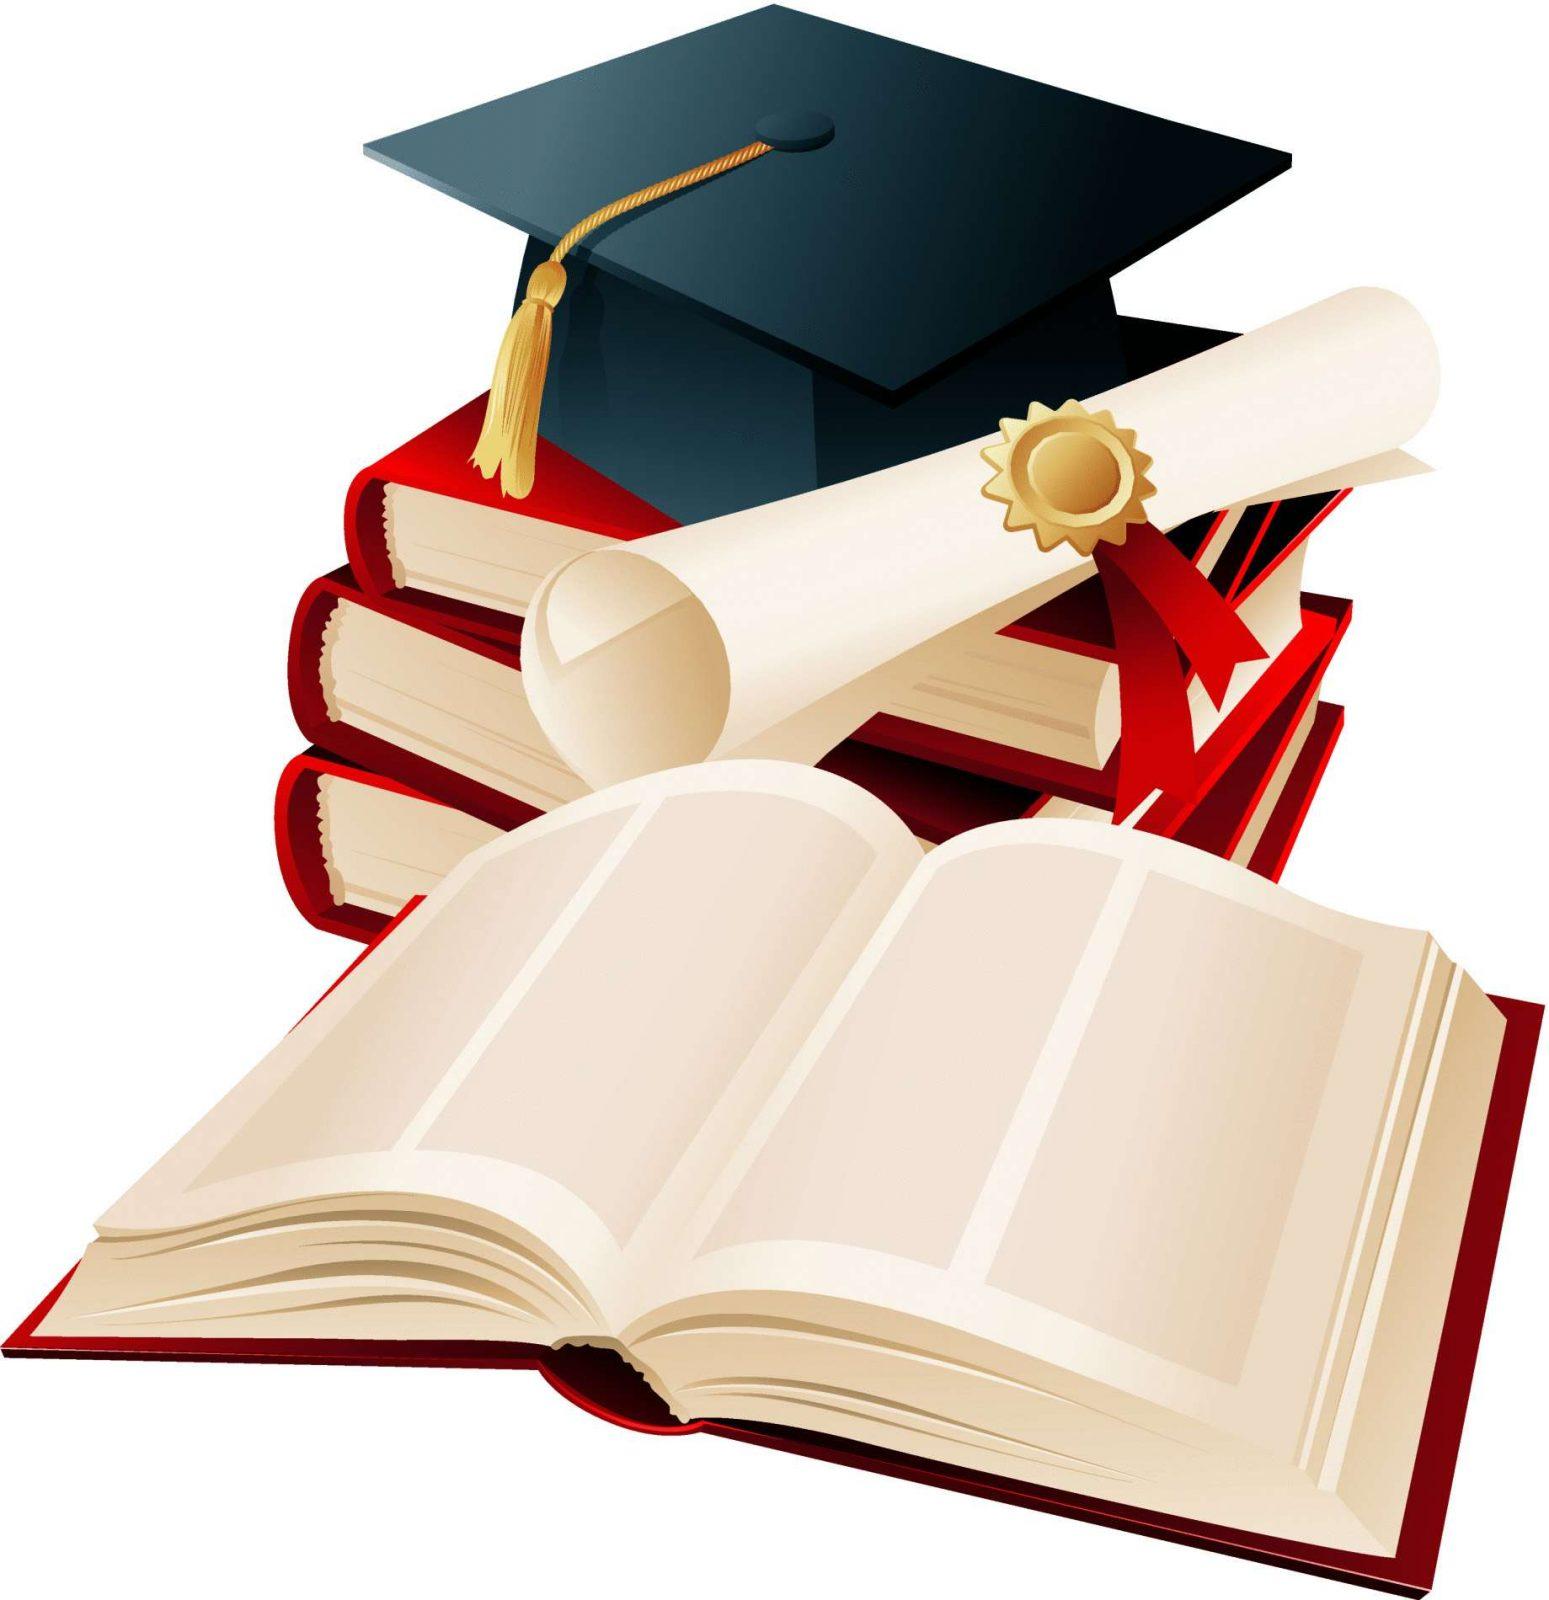 картинки про учебу диплом